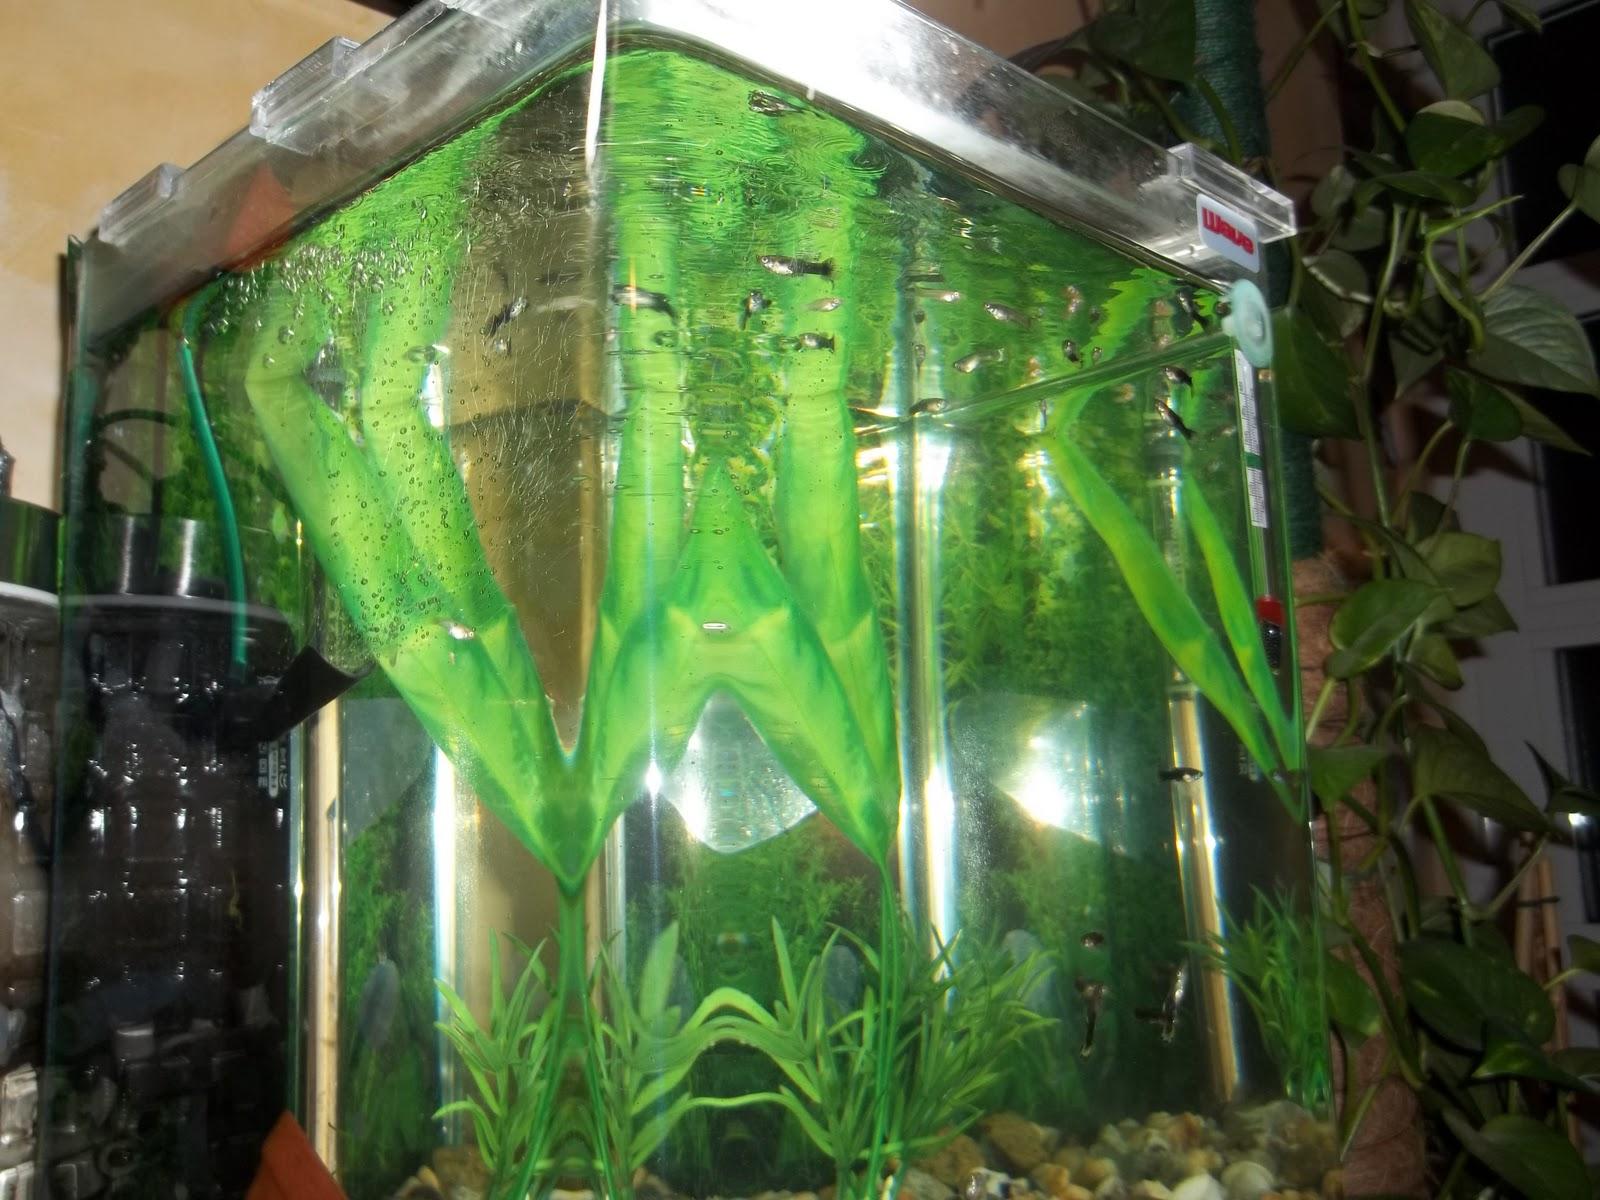 Pesci ornamentali per acquario vendita pesci ornamentali for Acquario vendita